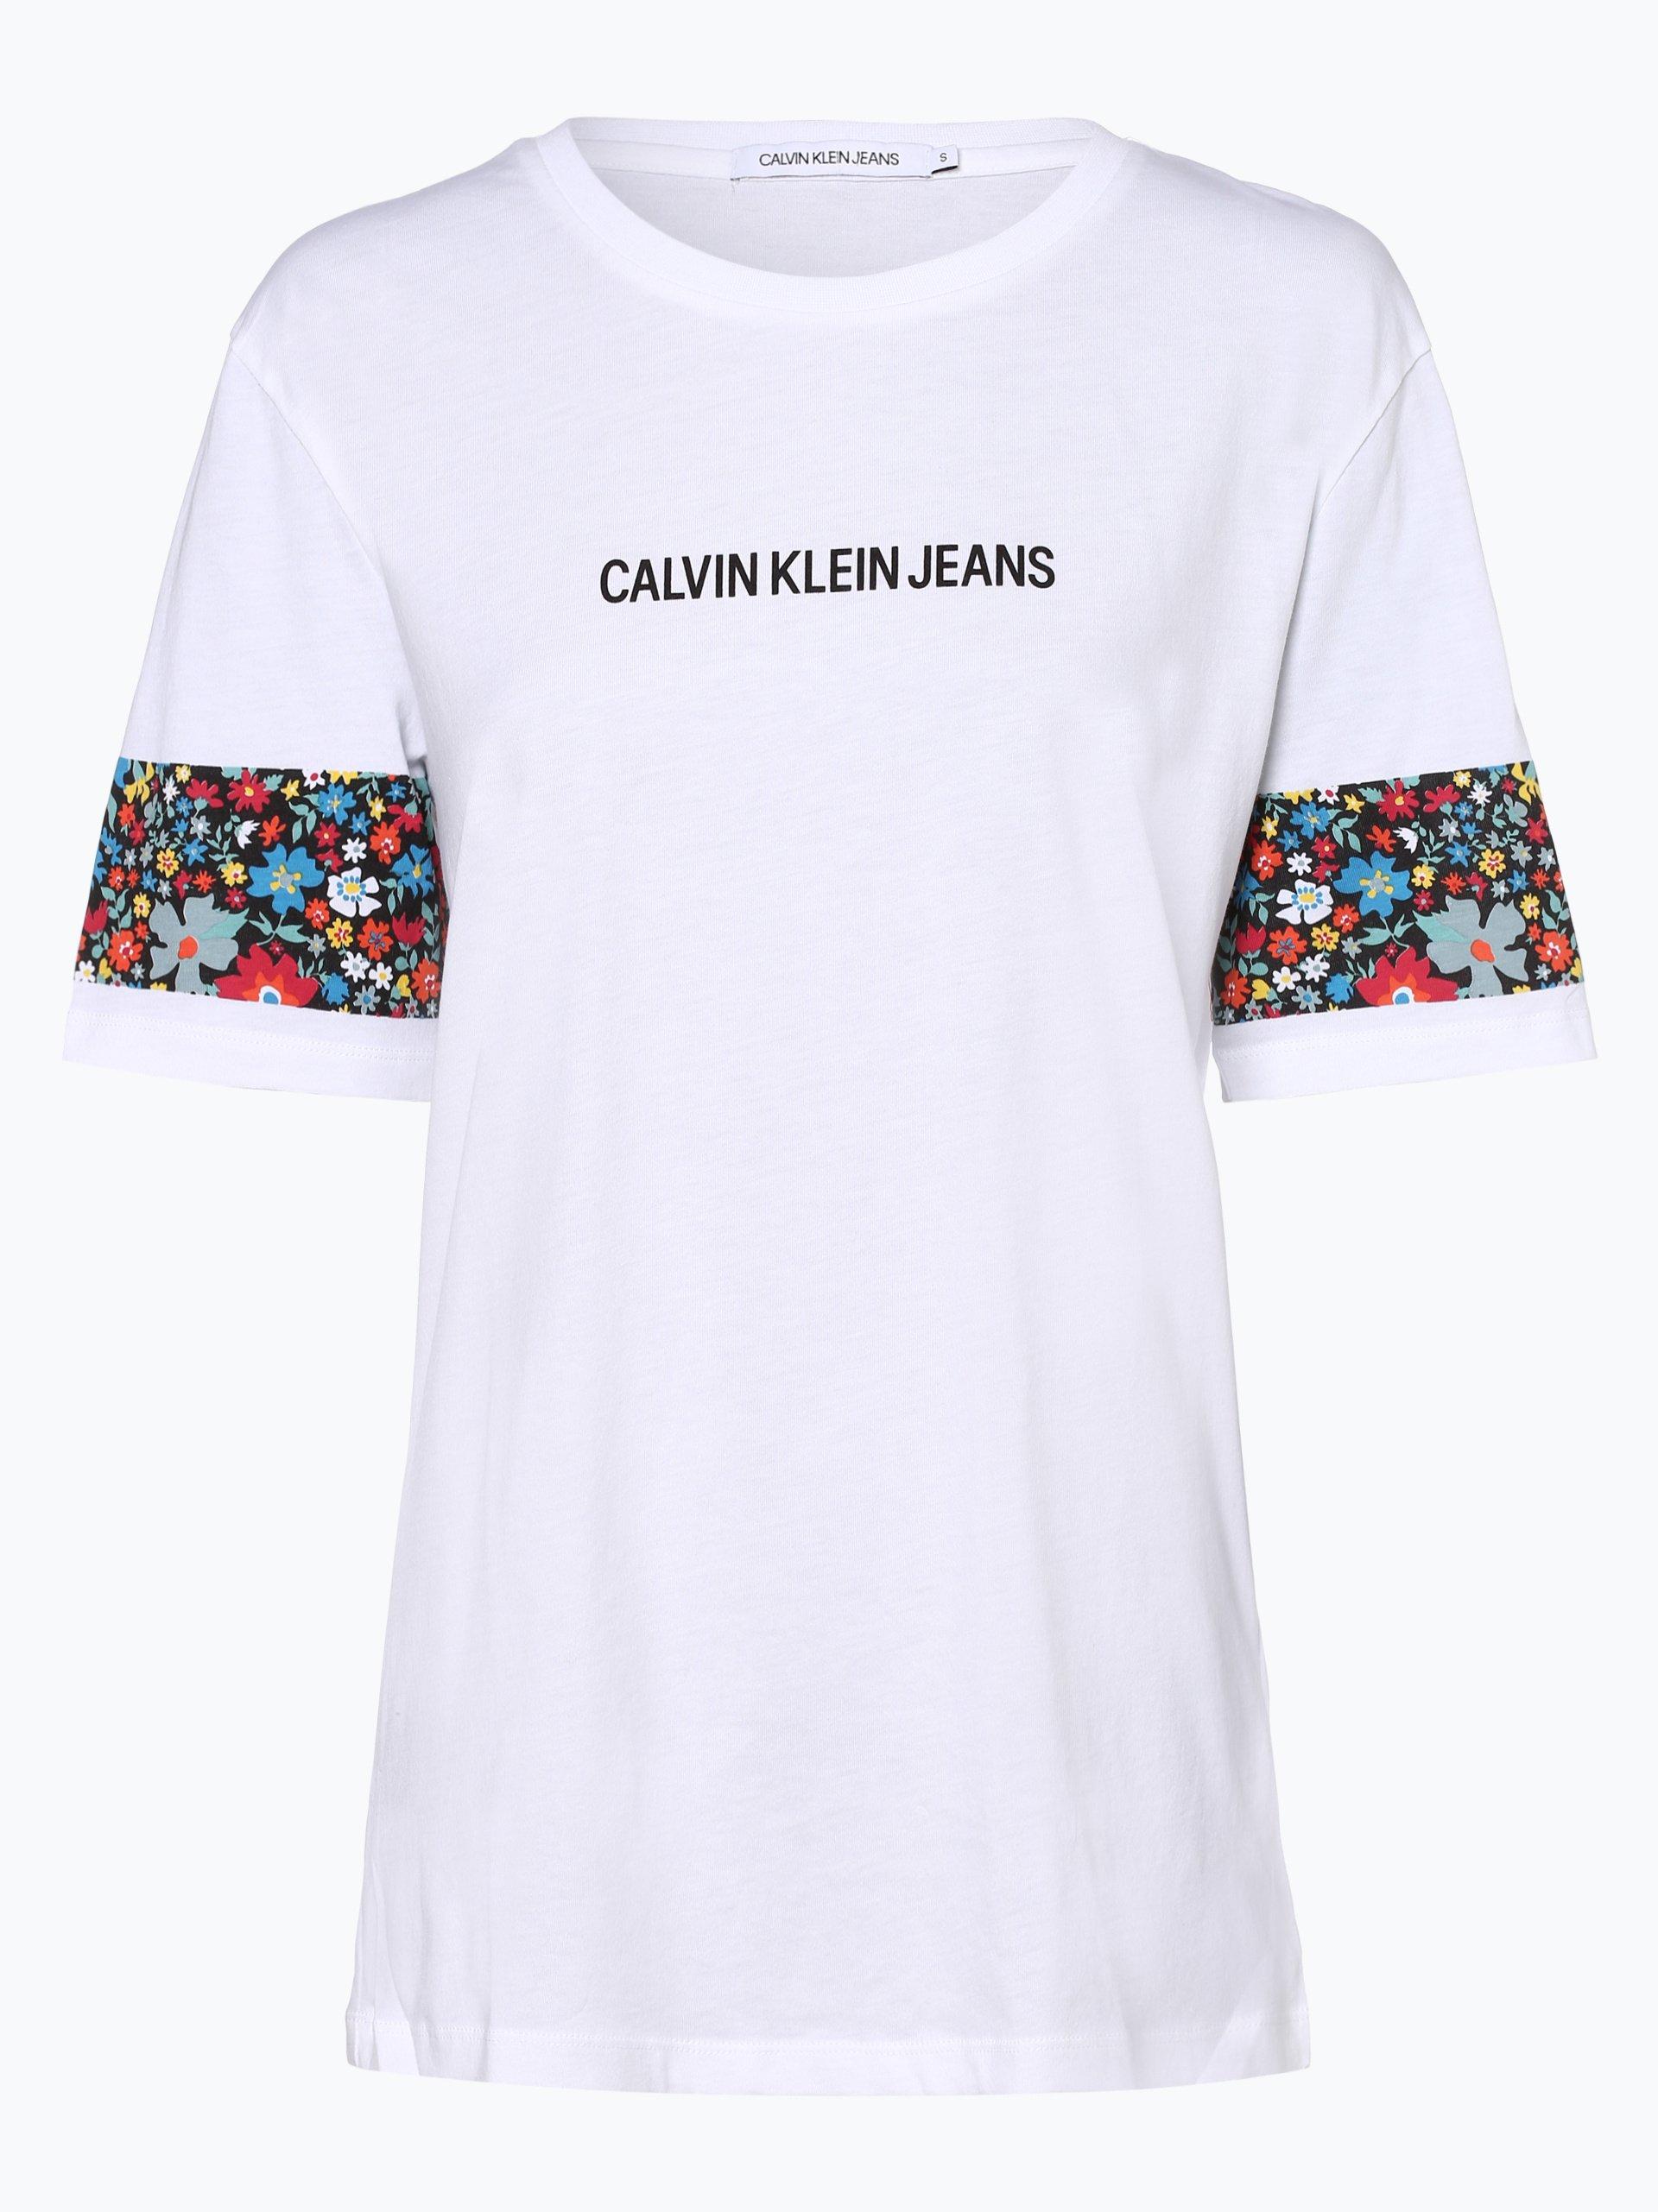 Calvin Klein Jeans Damen T-Shirt